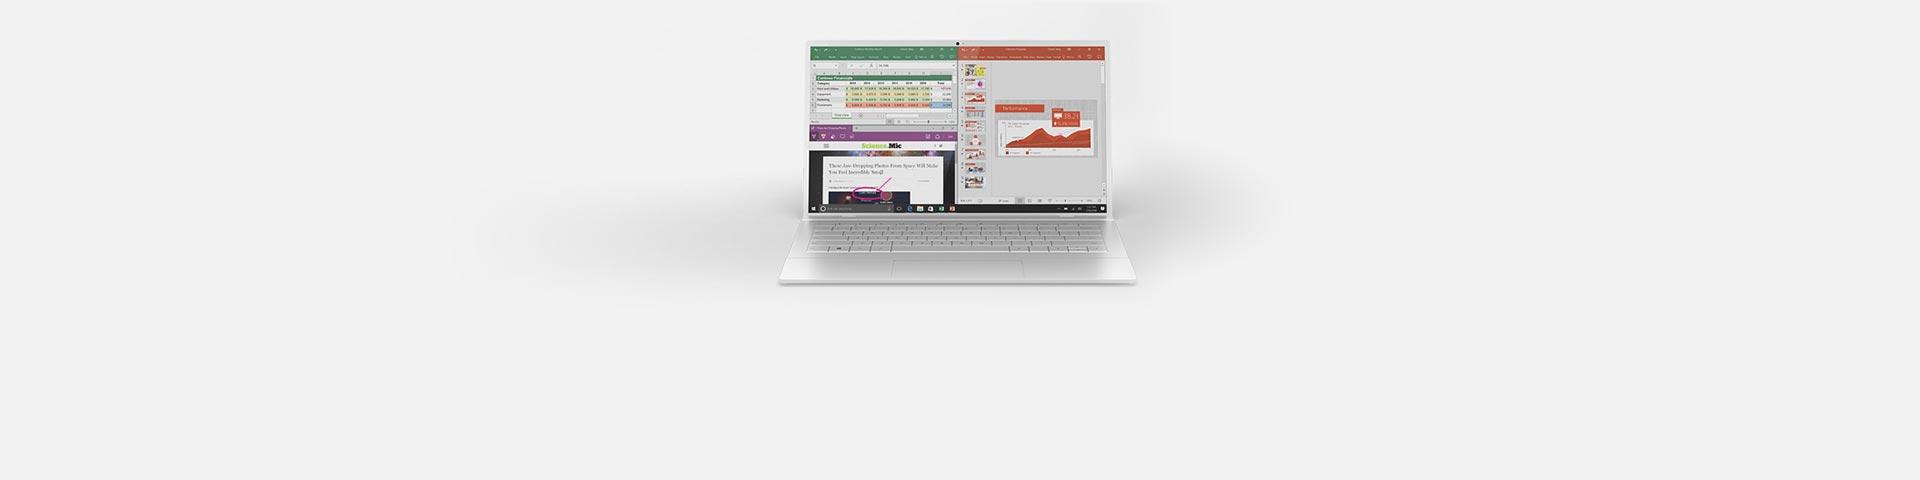 Un portátil con aplicaciones de Office en la pantalla